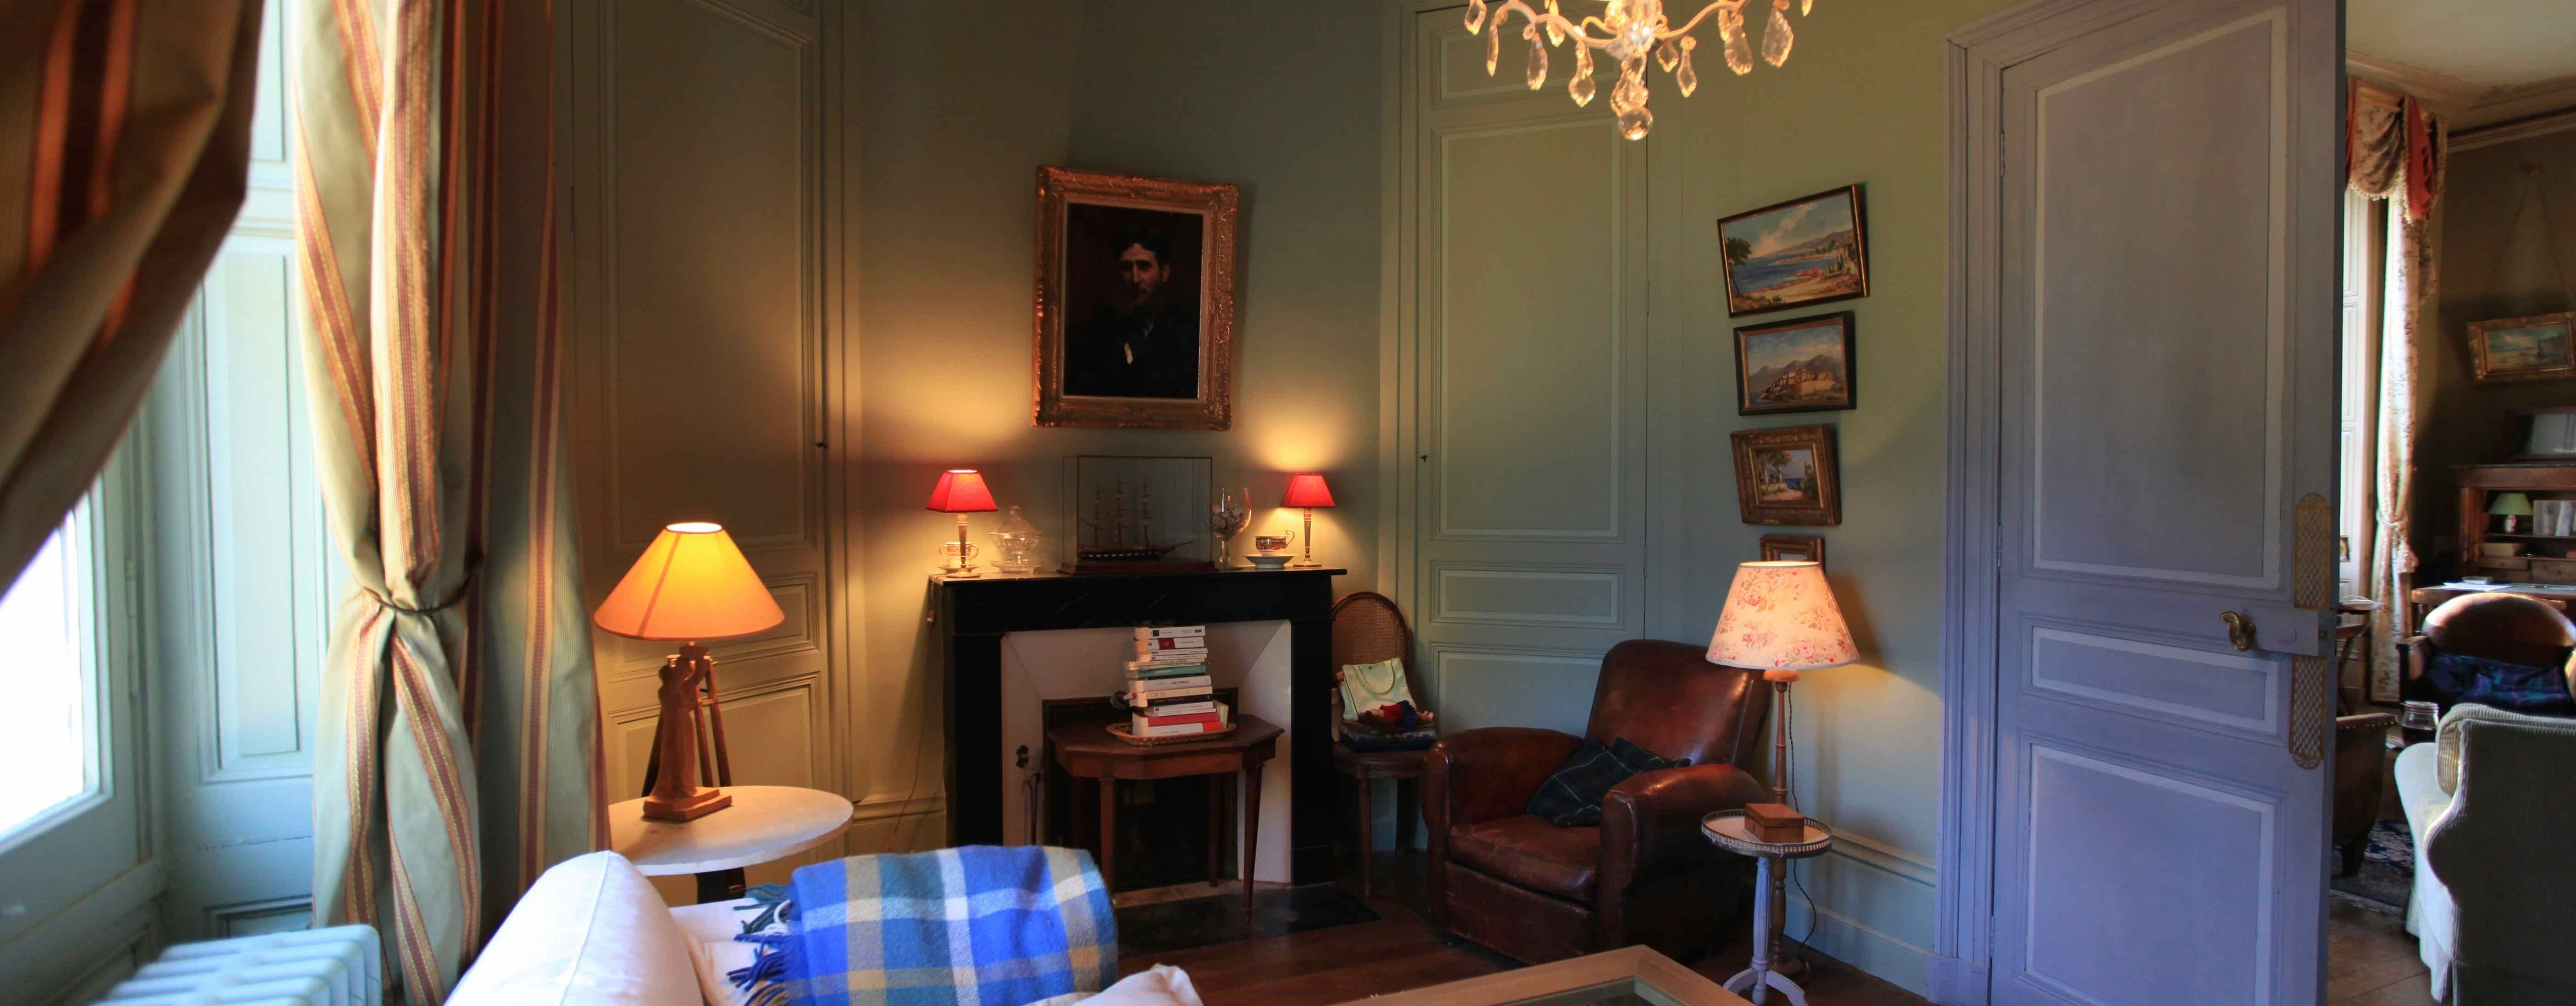 r ve de brocante brocante en ligne vente d 39 objets anciens d co. Black Bedroom Furniture Sets. Home Design Ideas